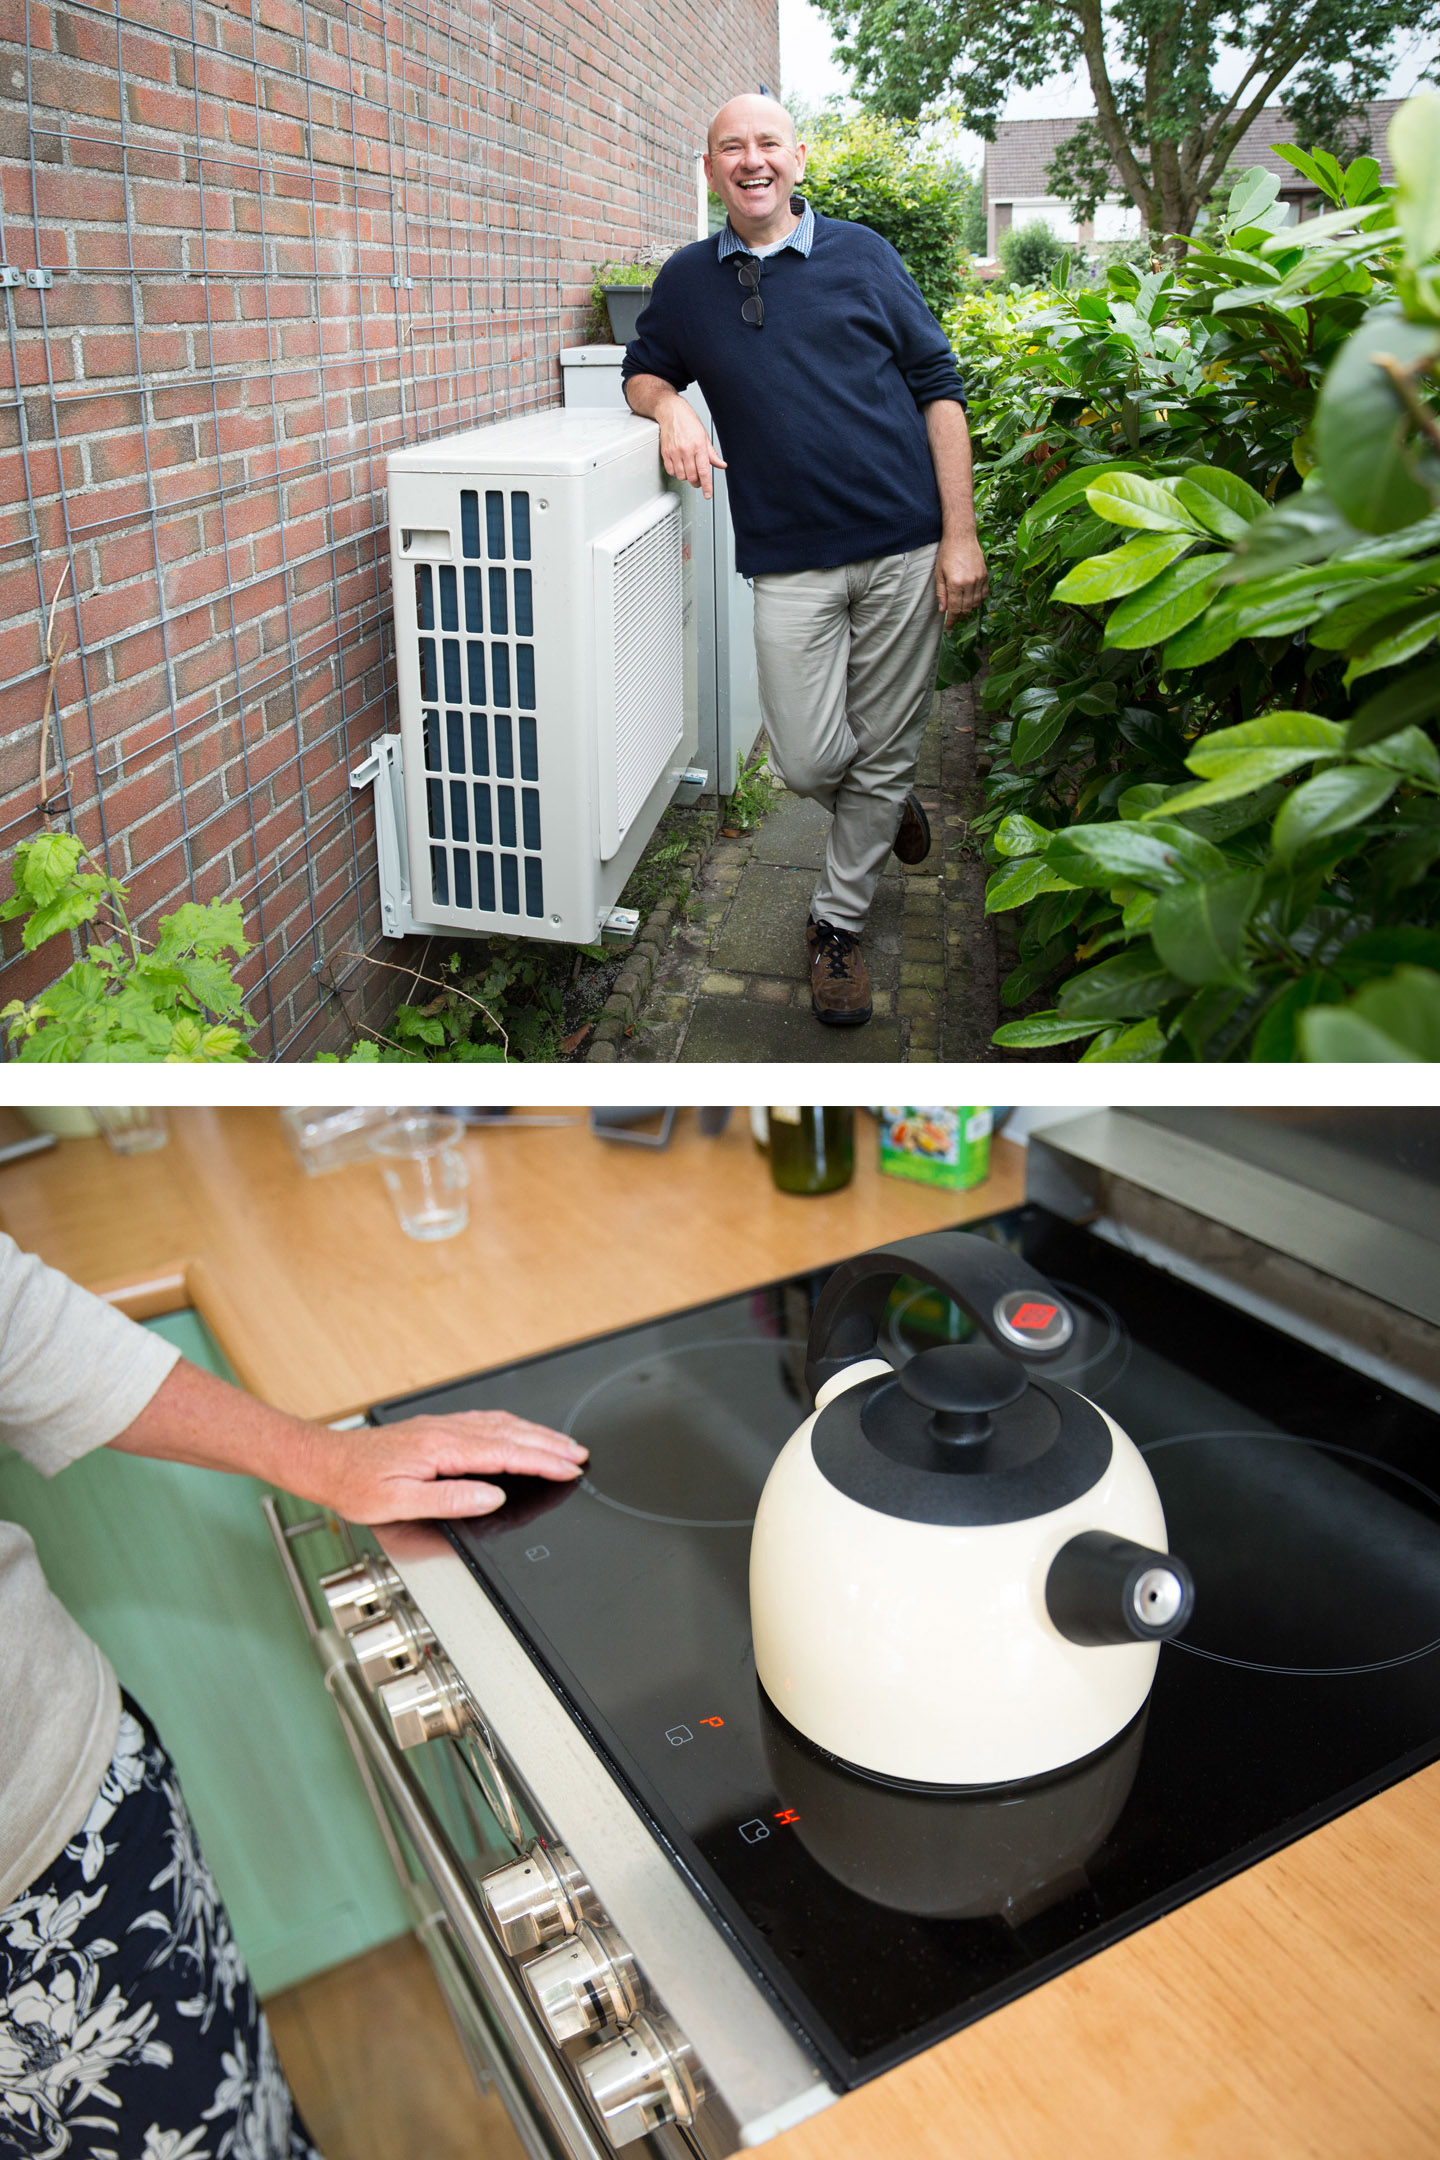 Energieneutraal-huis-woonwijk-wonen-thuisbaas-credit-Chantal-Bekker-GraphicAlert-06-warmtepomp